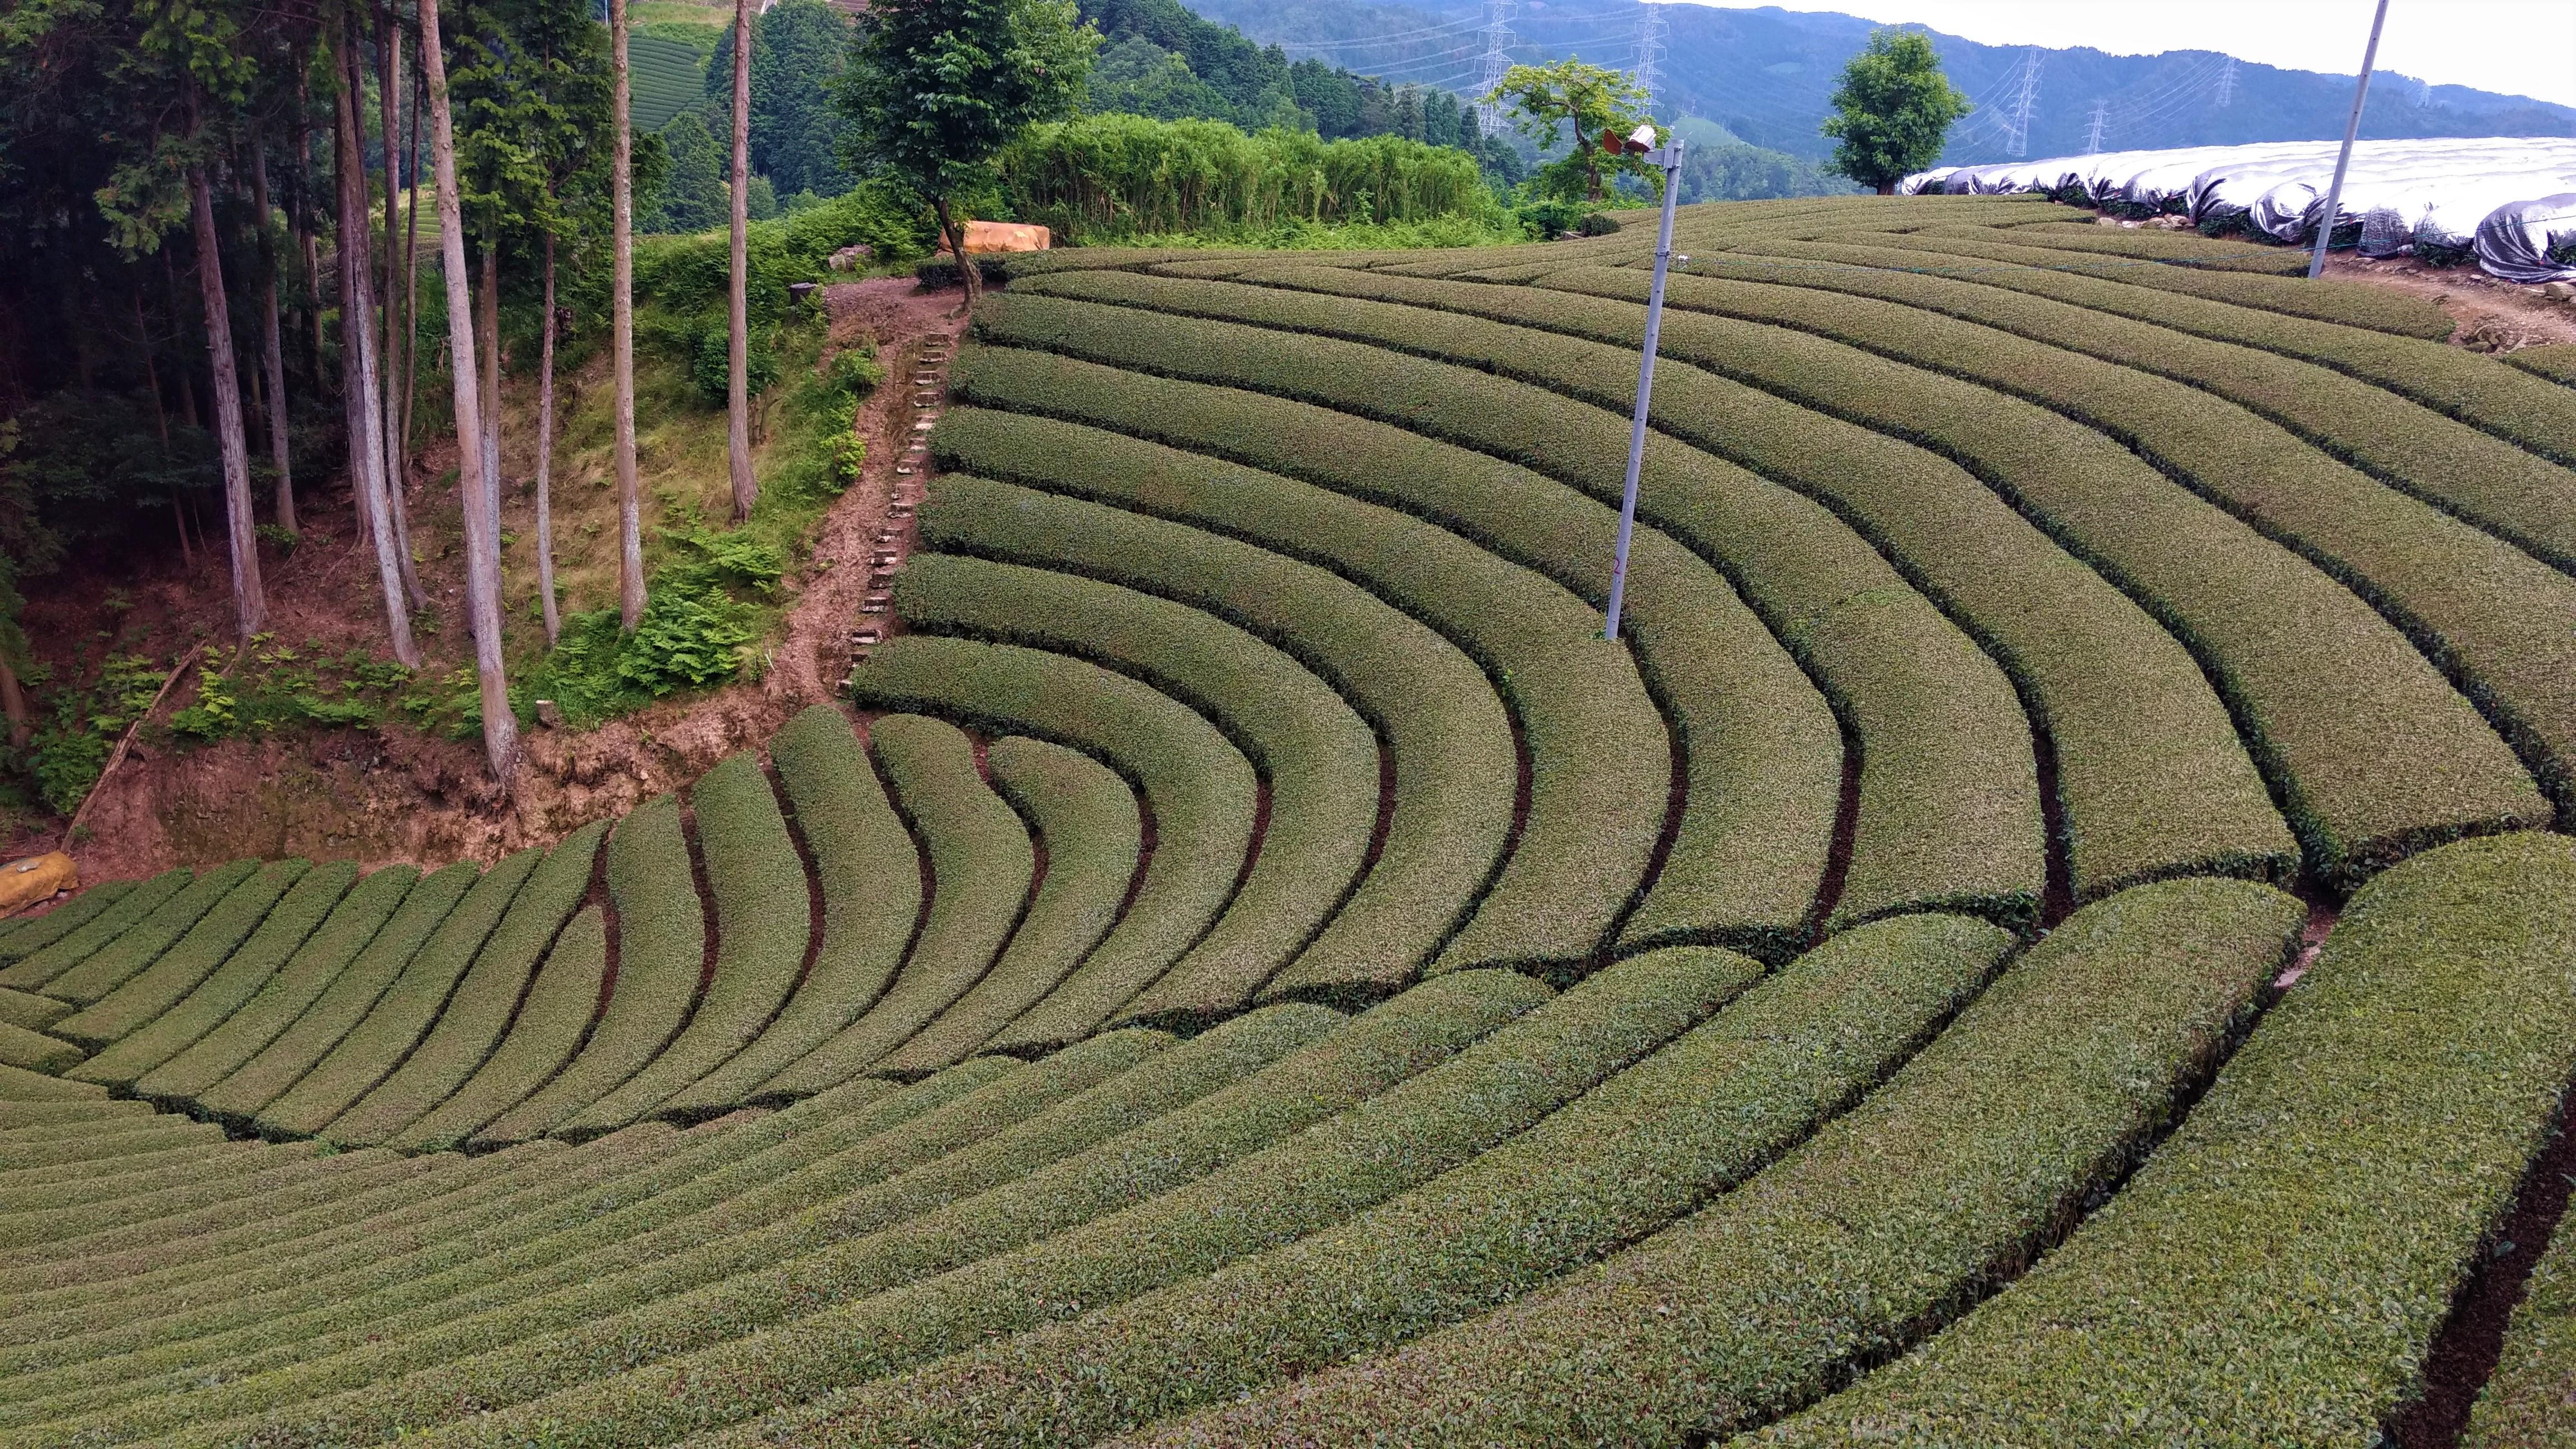 和束町の円形茶園を訪れた